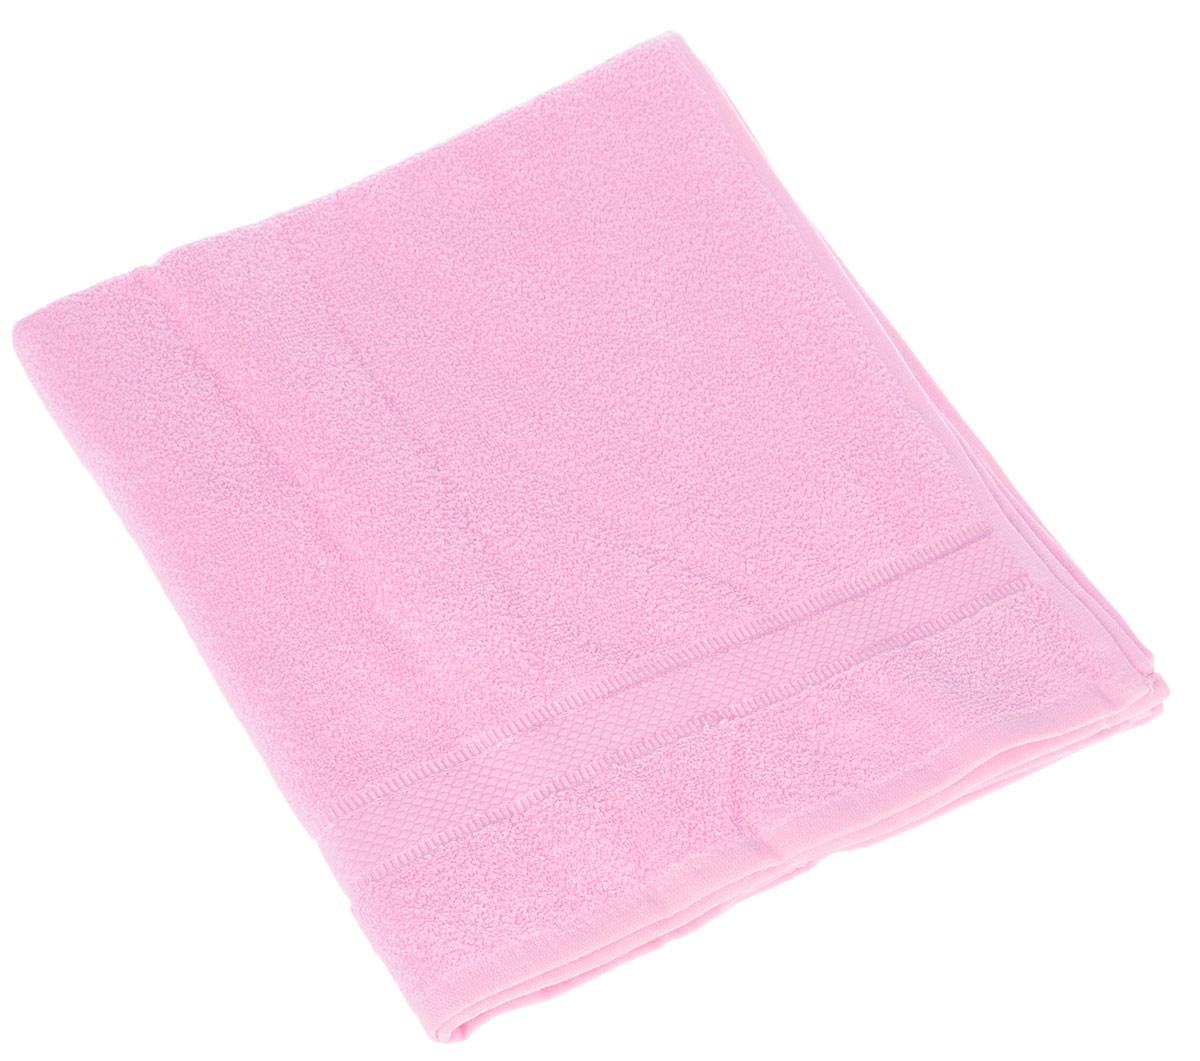 Полотенце Brielle Basic, цвет: розовый, 70 х 140 см1210Полотенце Brielle Basic выполнено из натурального хлопка.Изделие очень мягкое, оно отлично впитывает влагу, быстро сохнет, сохраняет яркость цвета и не теряет формы даже после многократных стирок. Полотенце Brielle Basic очень практично и неприхотливо в уходе. Такое полотенце послужит приятным подарком.